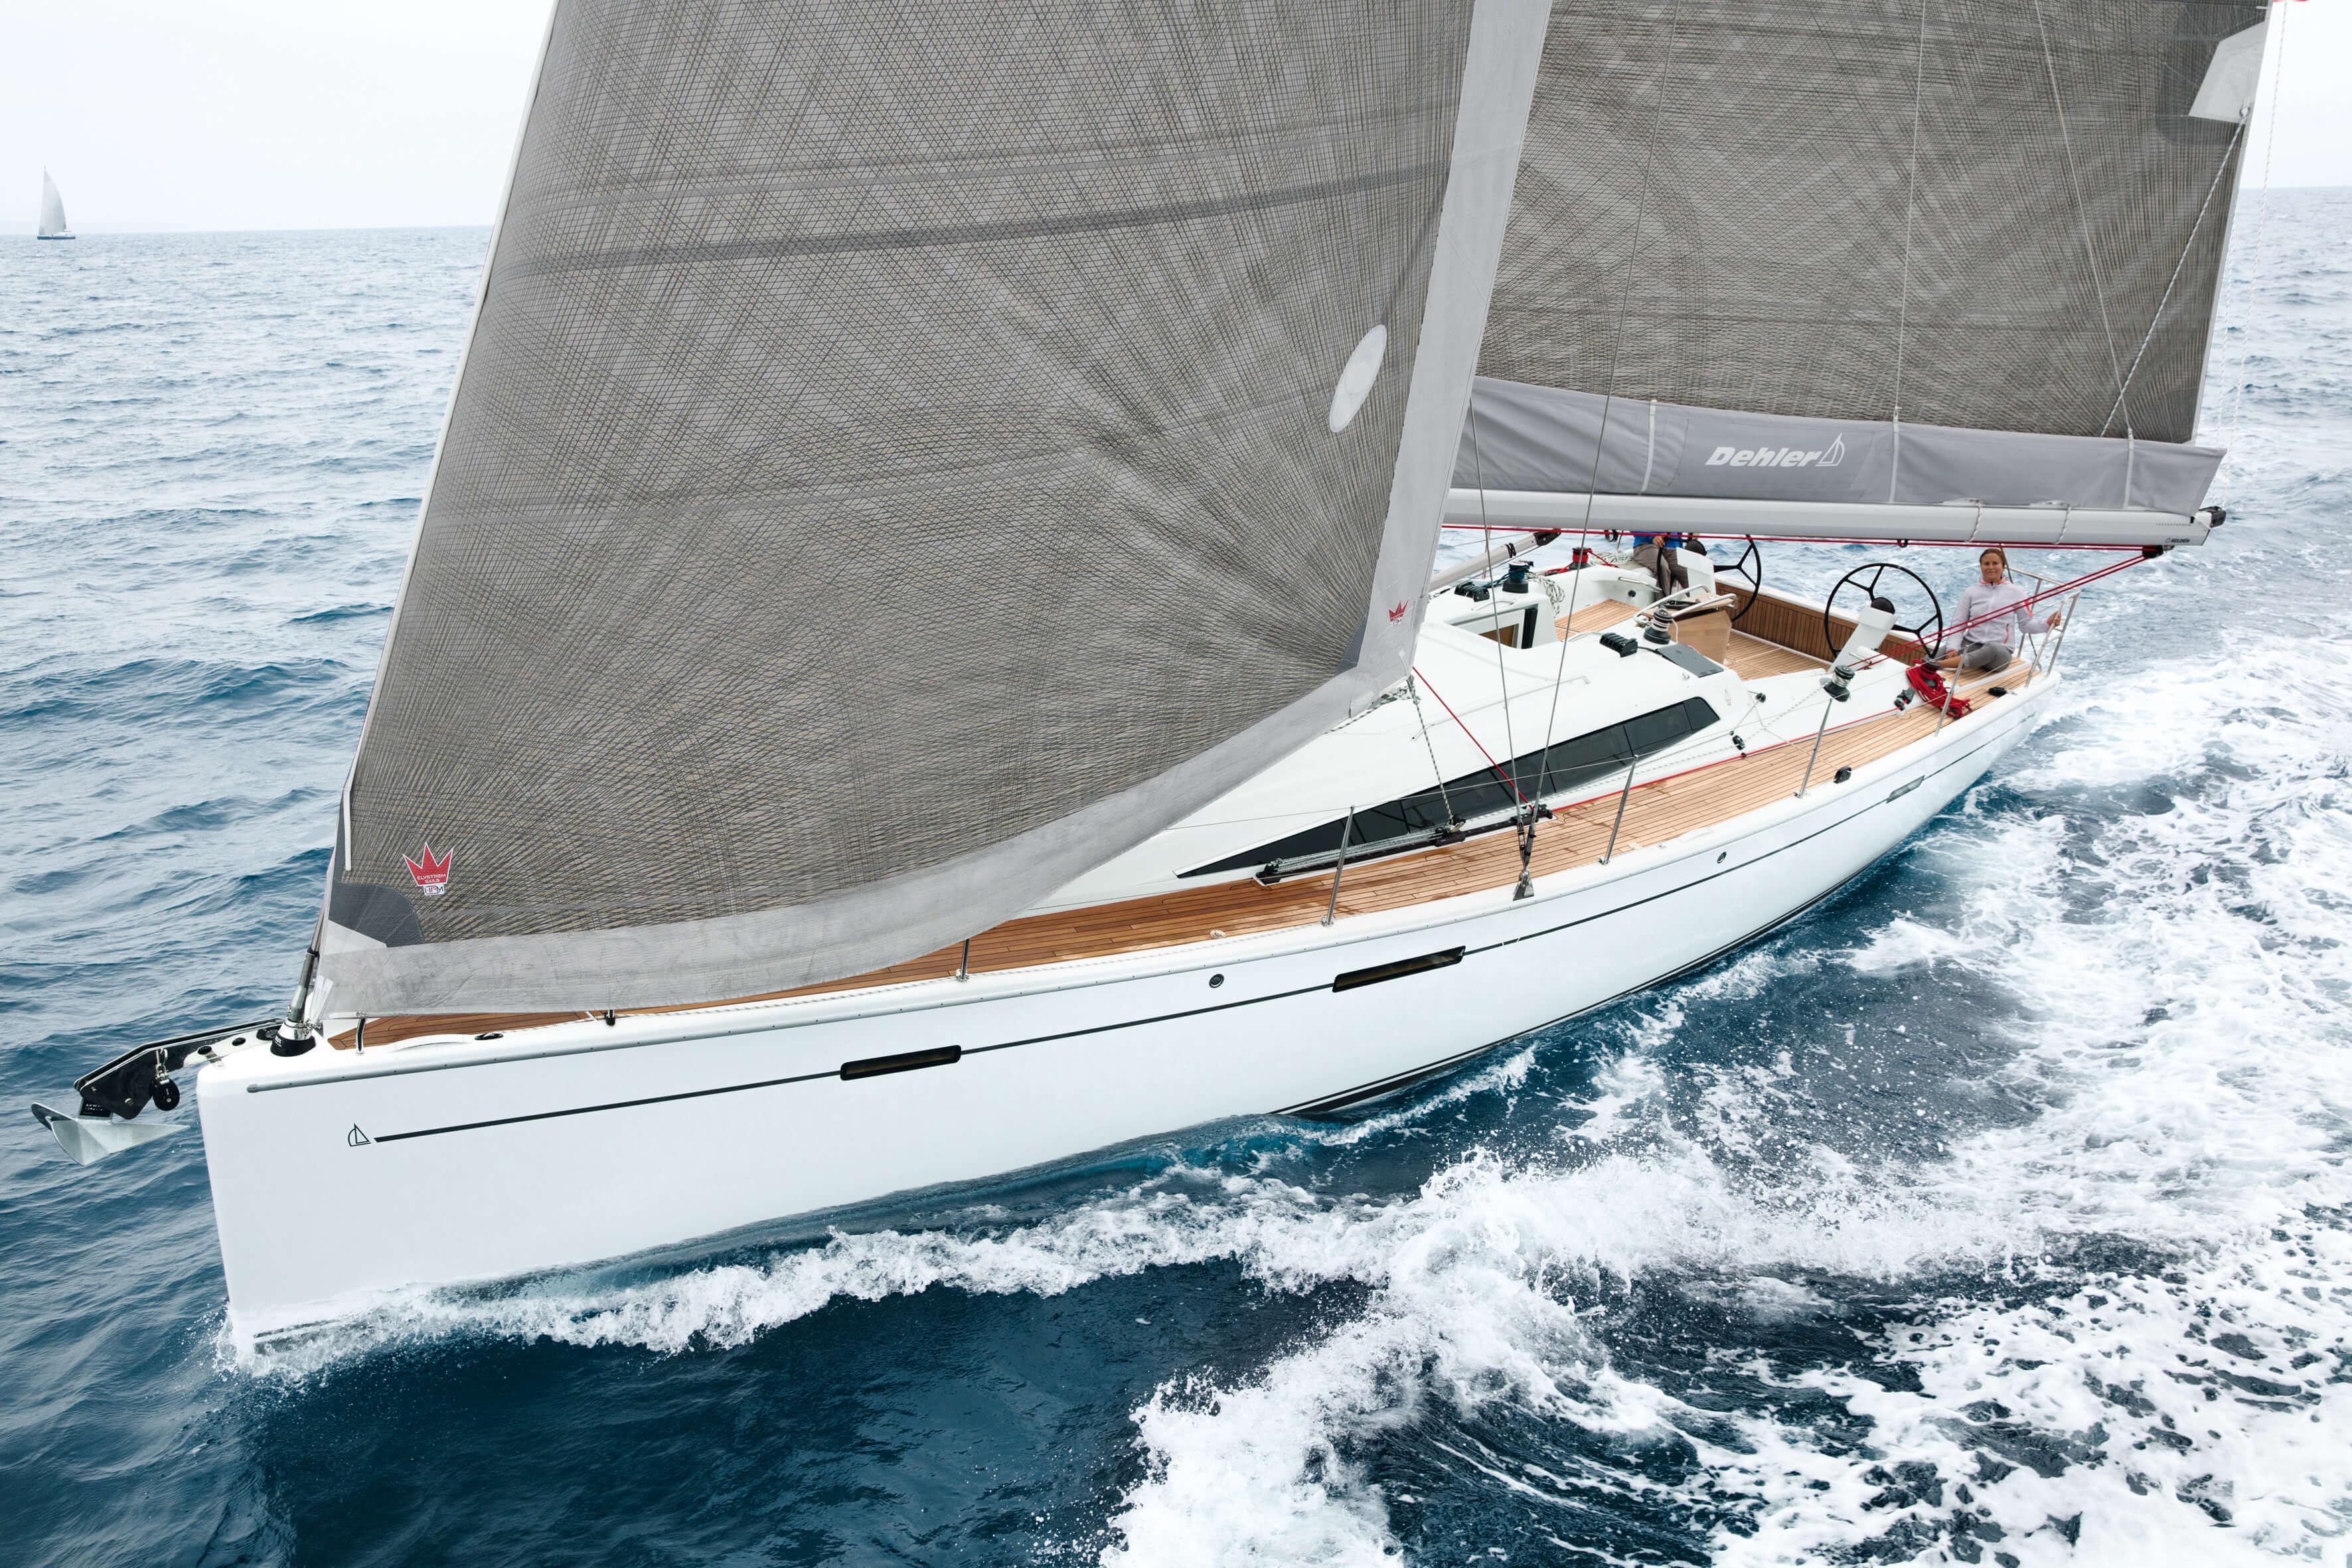 Dehler 42 Exterior Sailing | Dehler 42_Segeln_25_0516_072.jpg | Dehler